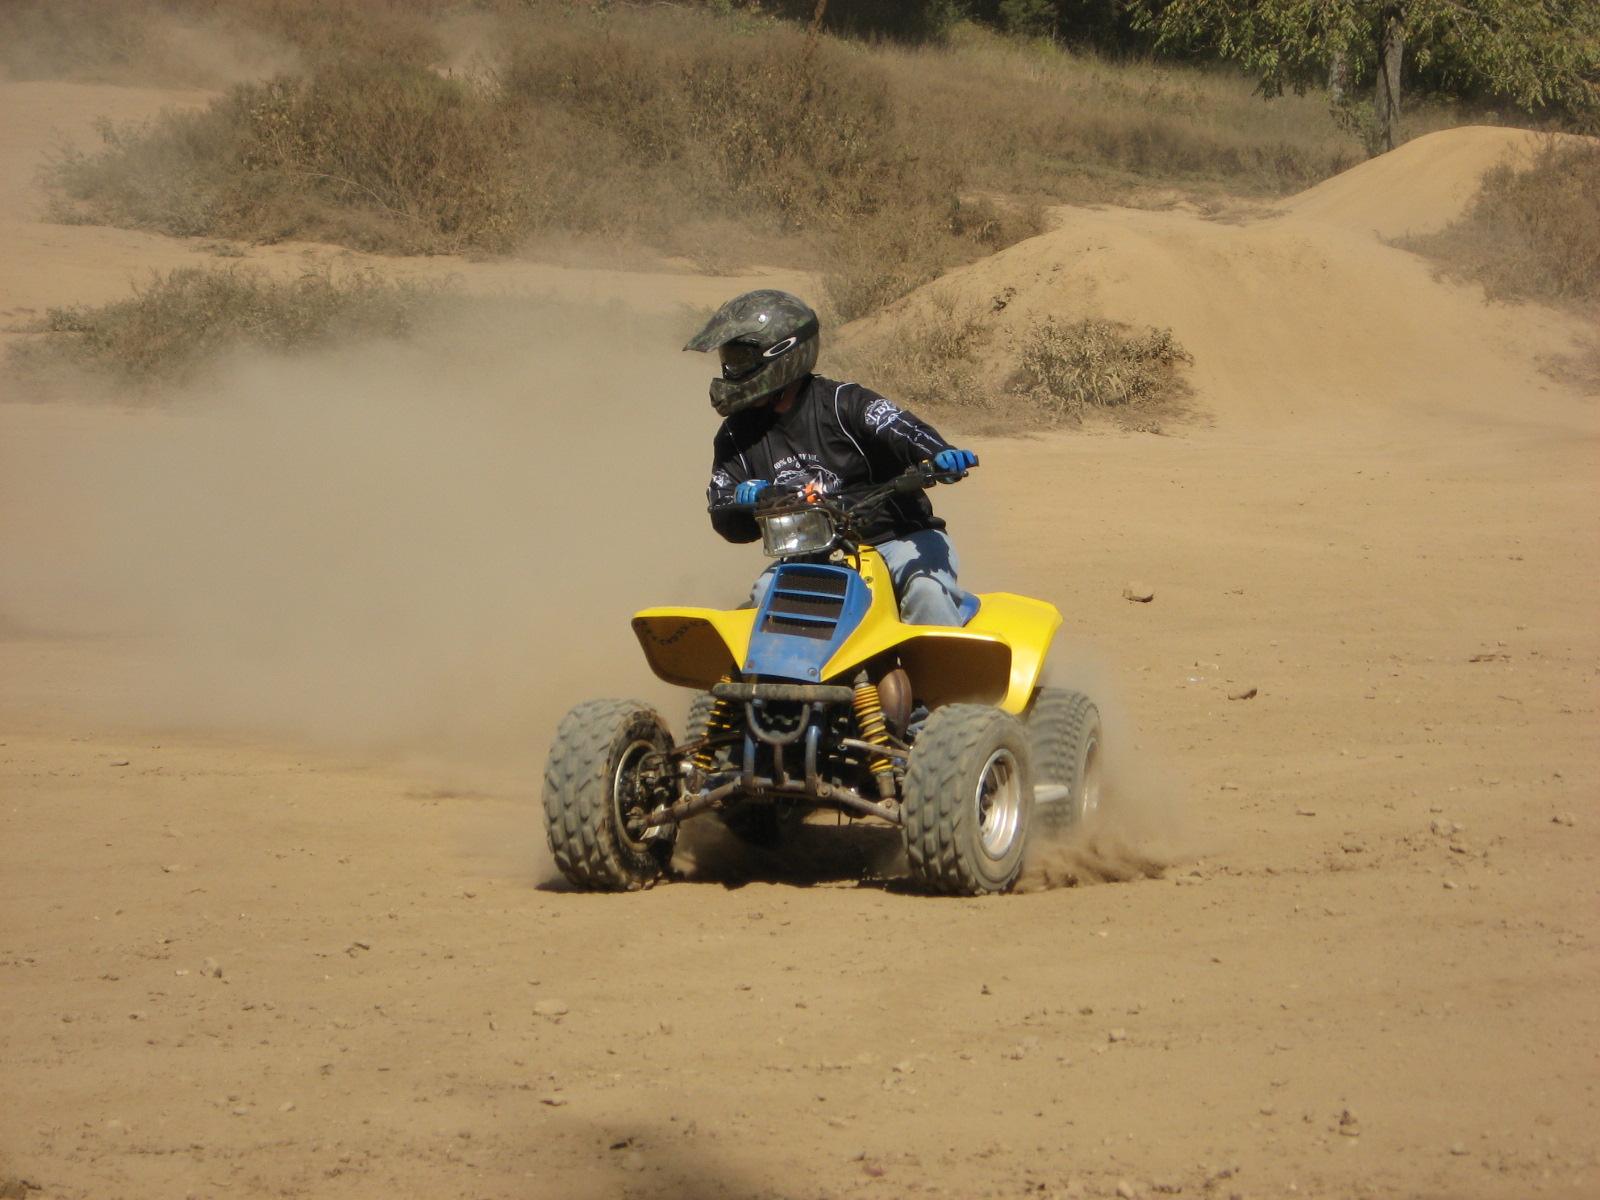 ATV%20riding-03.jpg